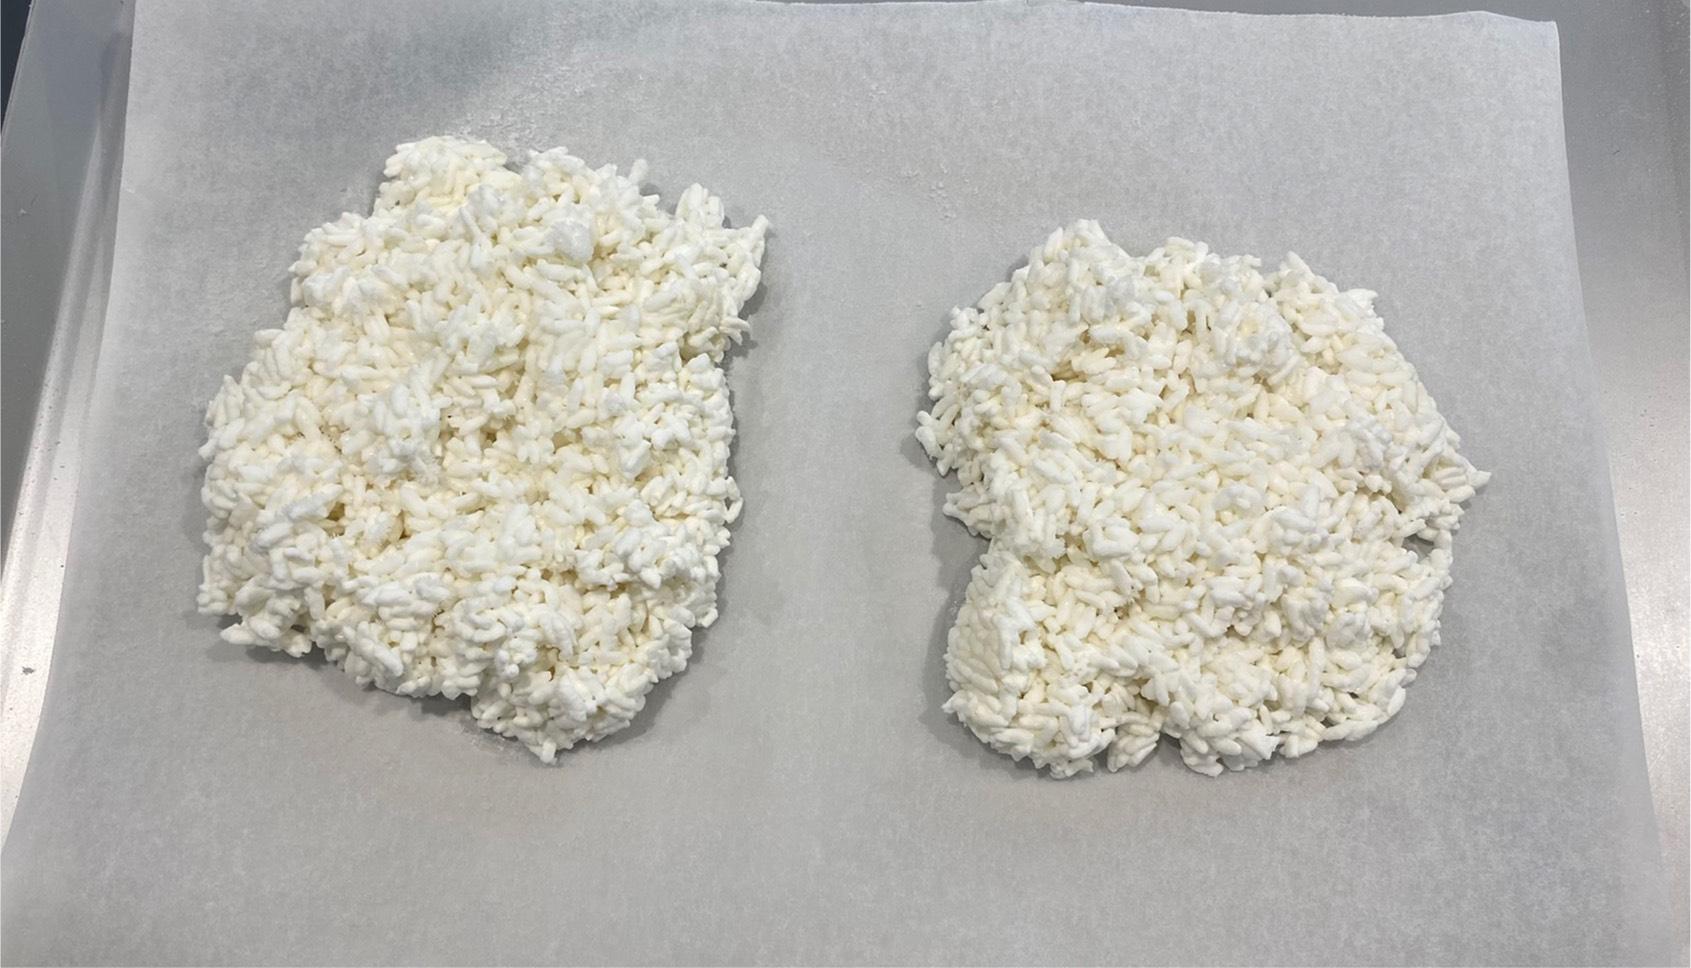 米飯凍結後